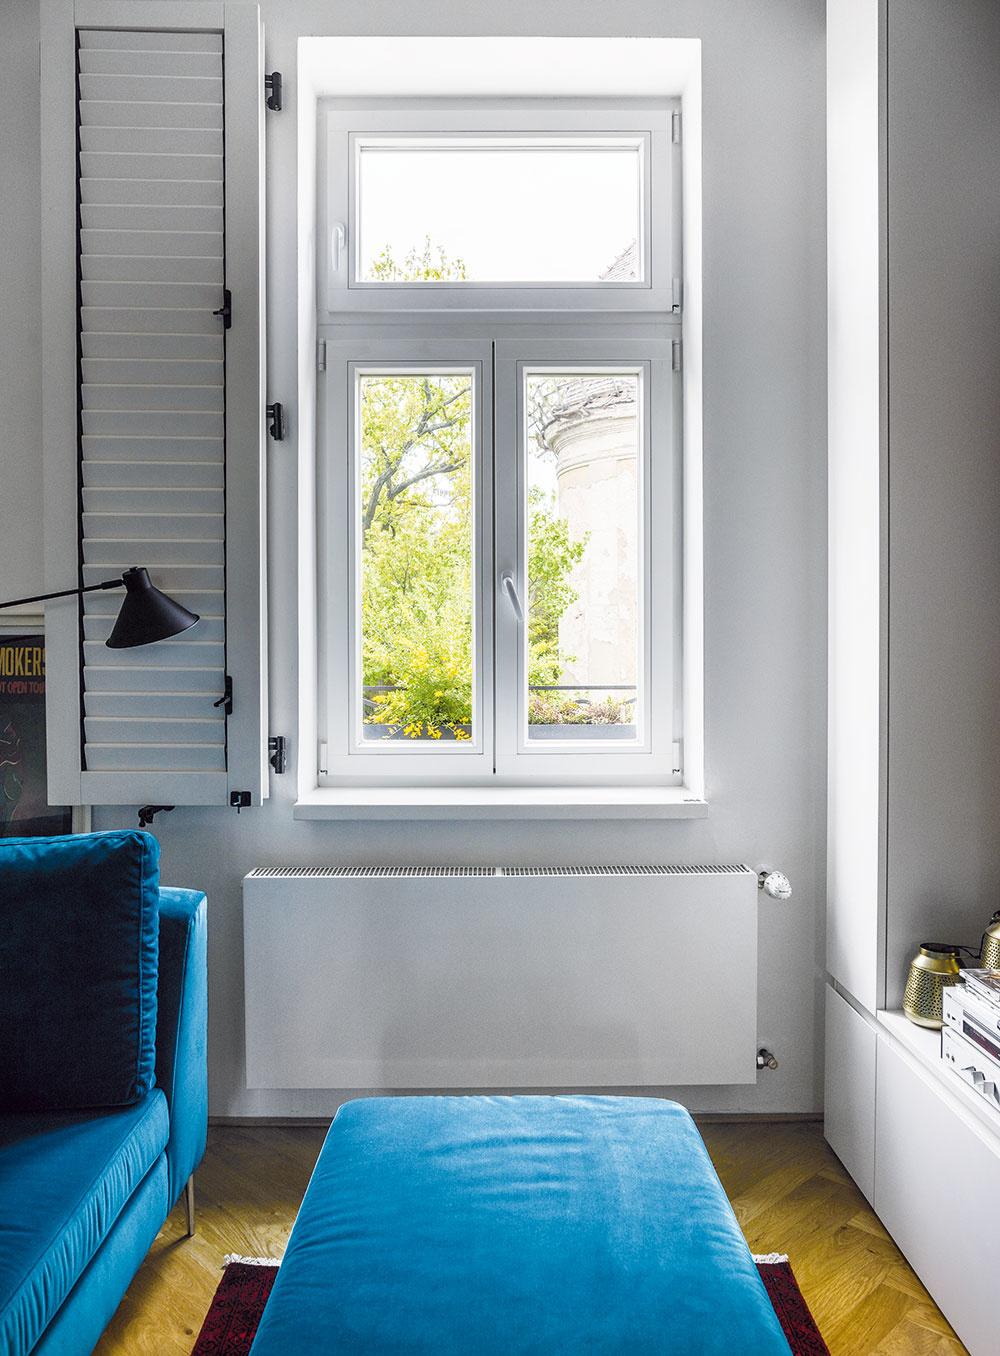 """Novými drevenými oknami so štýlovými vnútornými okenicami nahradili plastové zpredchádzajúcej rekonštrukcie. """"Michal si nechal poradiť atam, kde to bolo potrebné, investoval do kvalitných vecí. Najmä pri zabudovaných prvkoch je to dôležité. Aokná sú taký základ, človek ich nemení tak často ako napríklad nábytok,"""" radí architektka."""